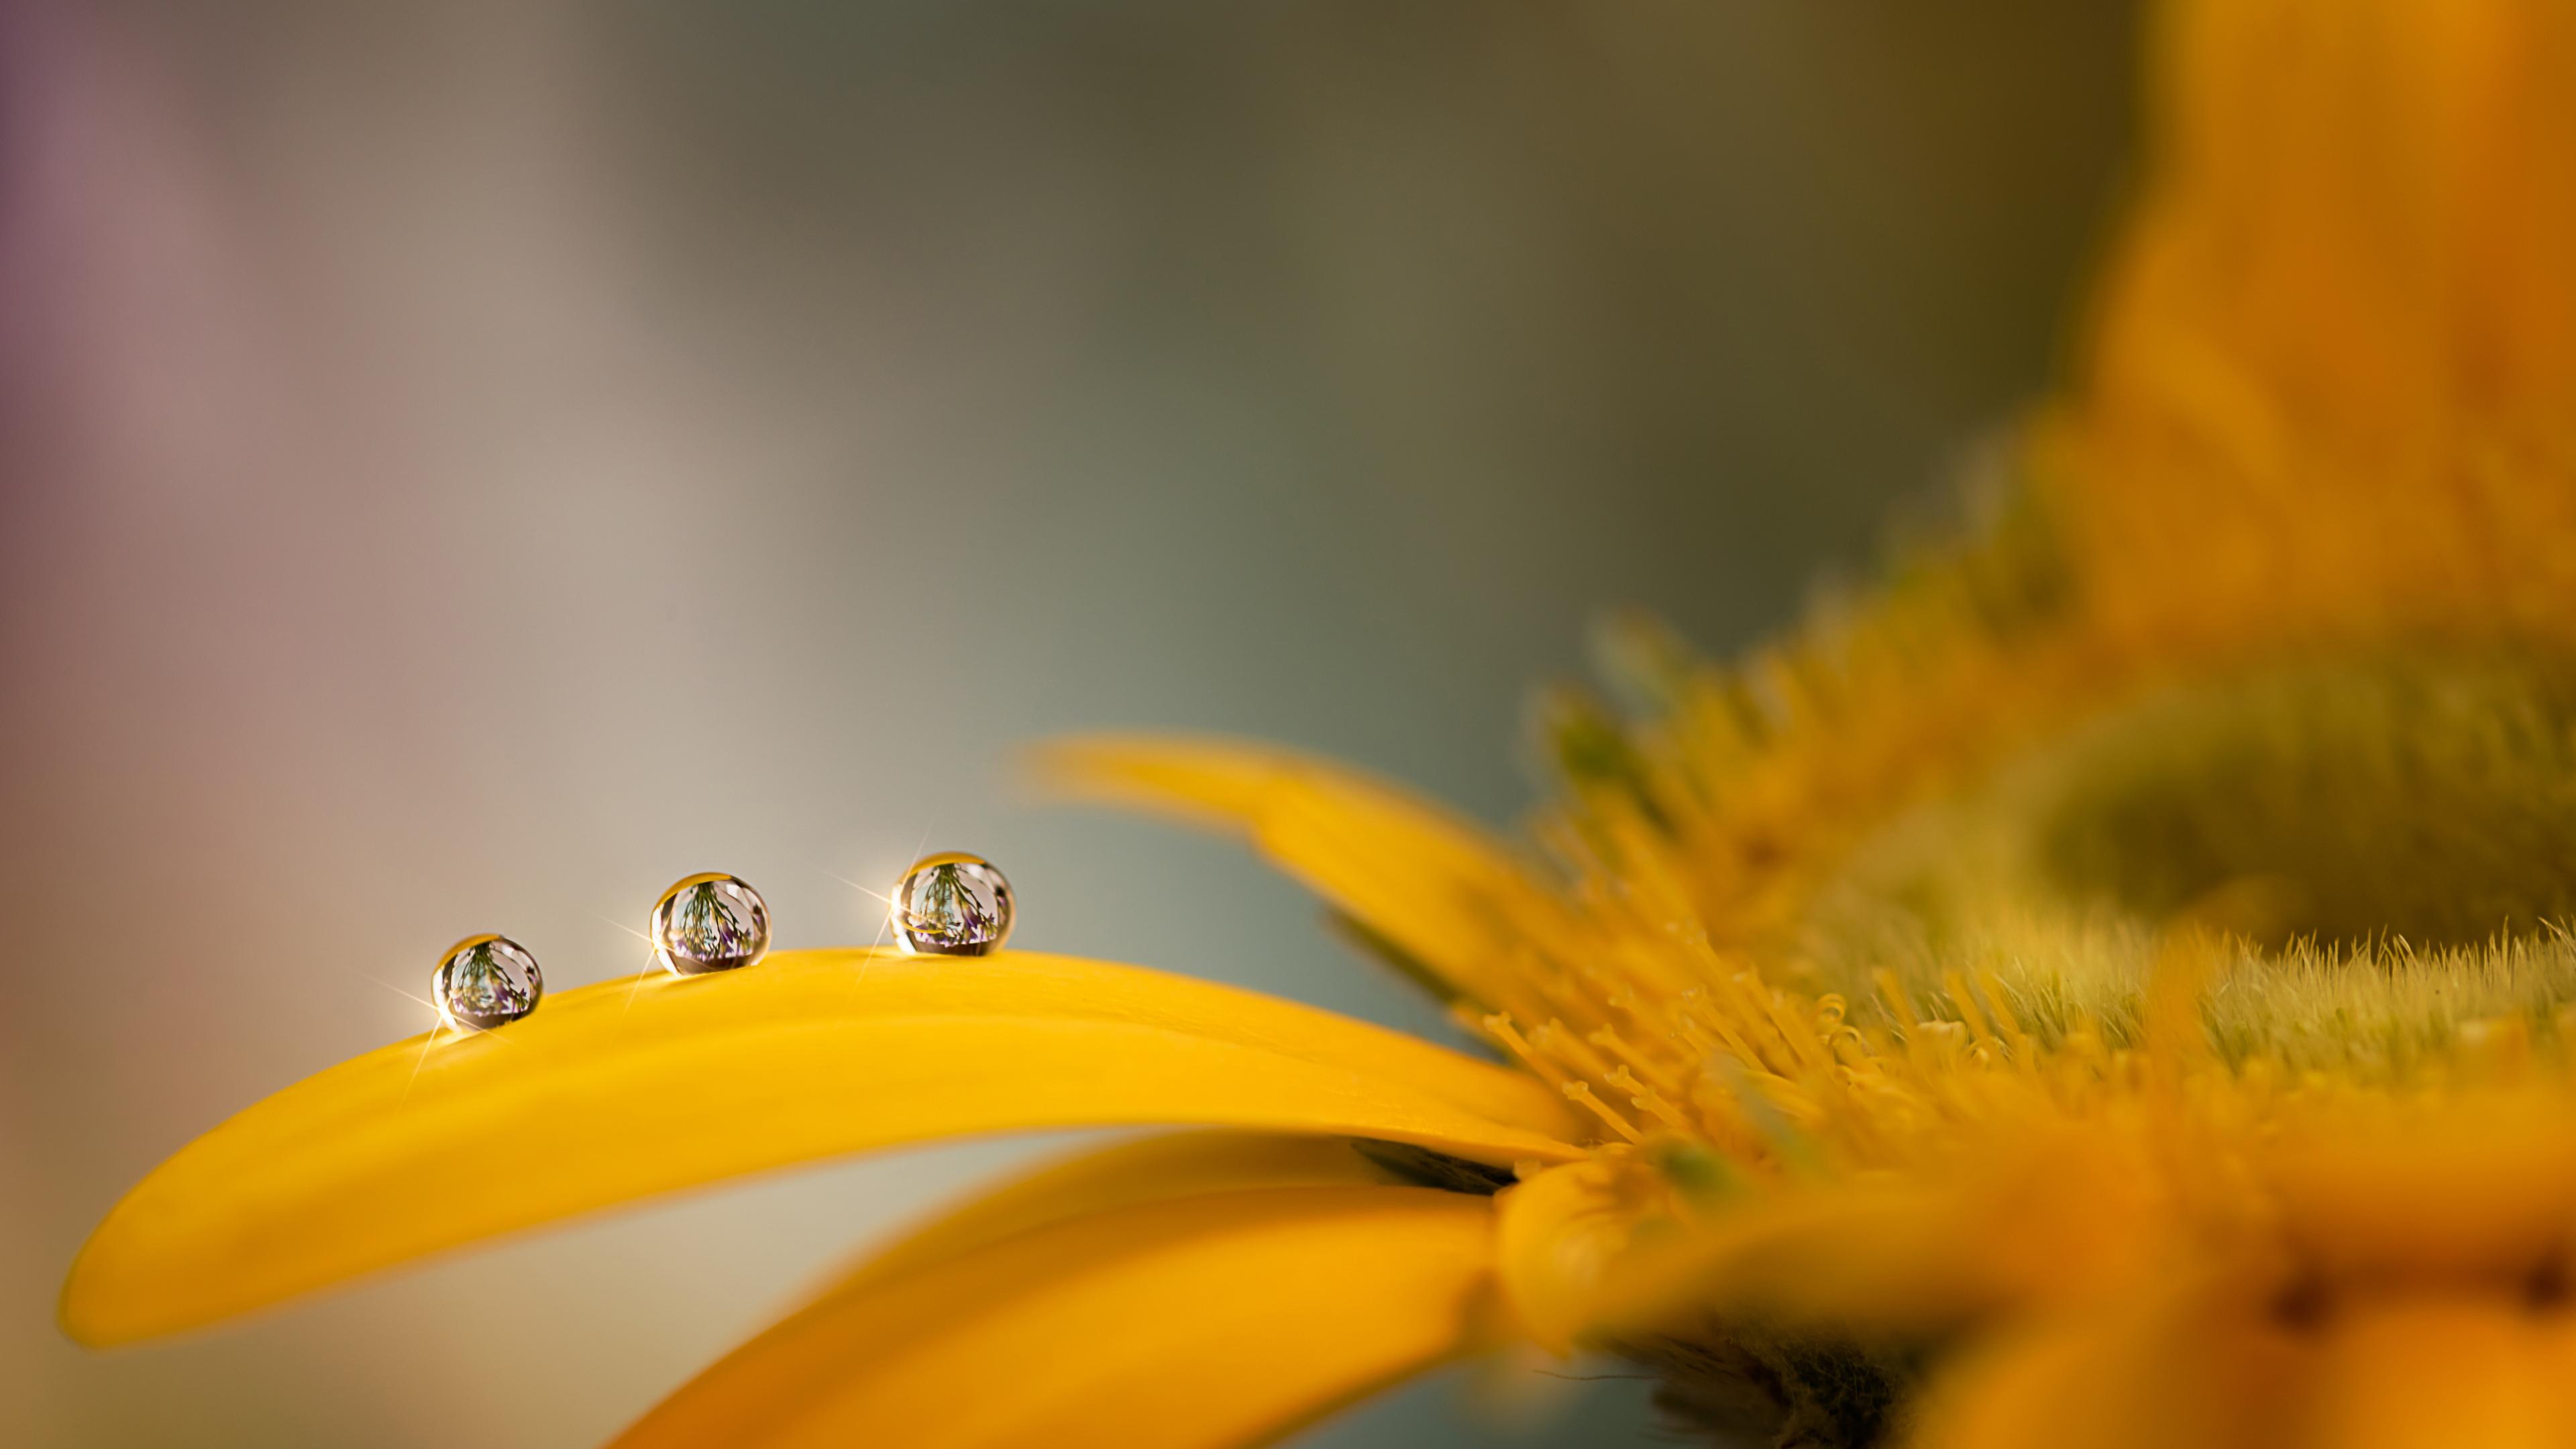 Лепестки желтой ромашки с блестящими капельками воды